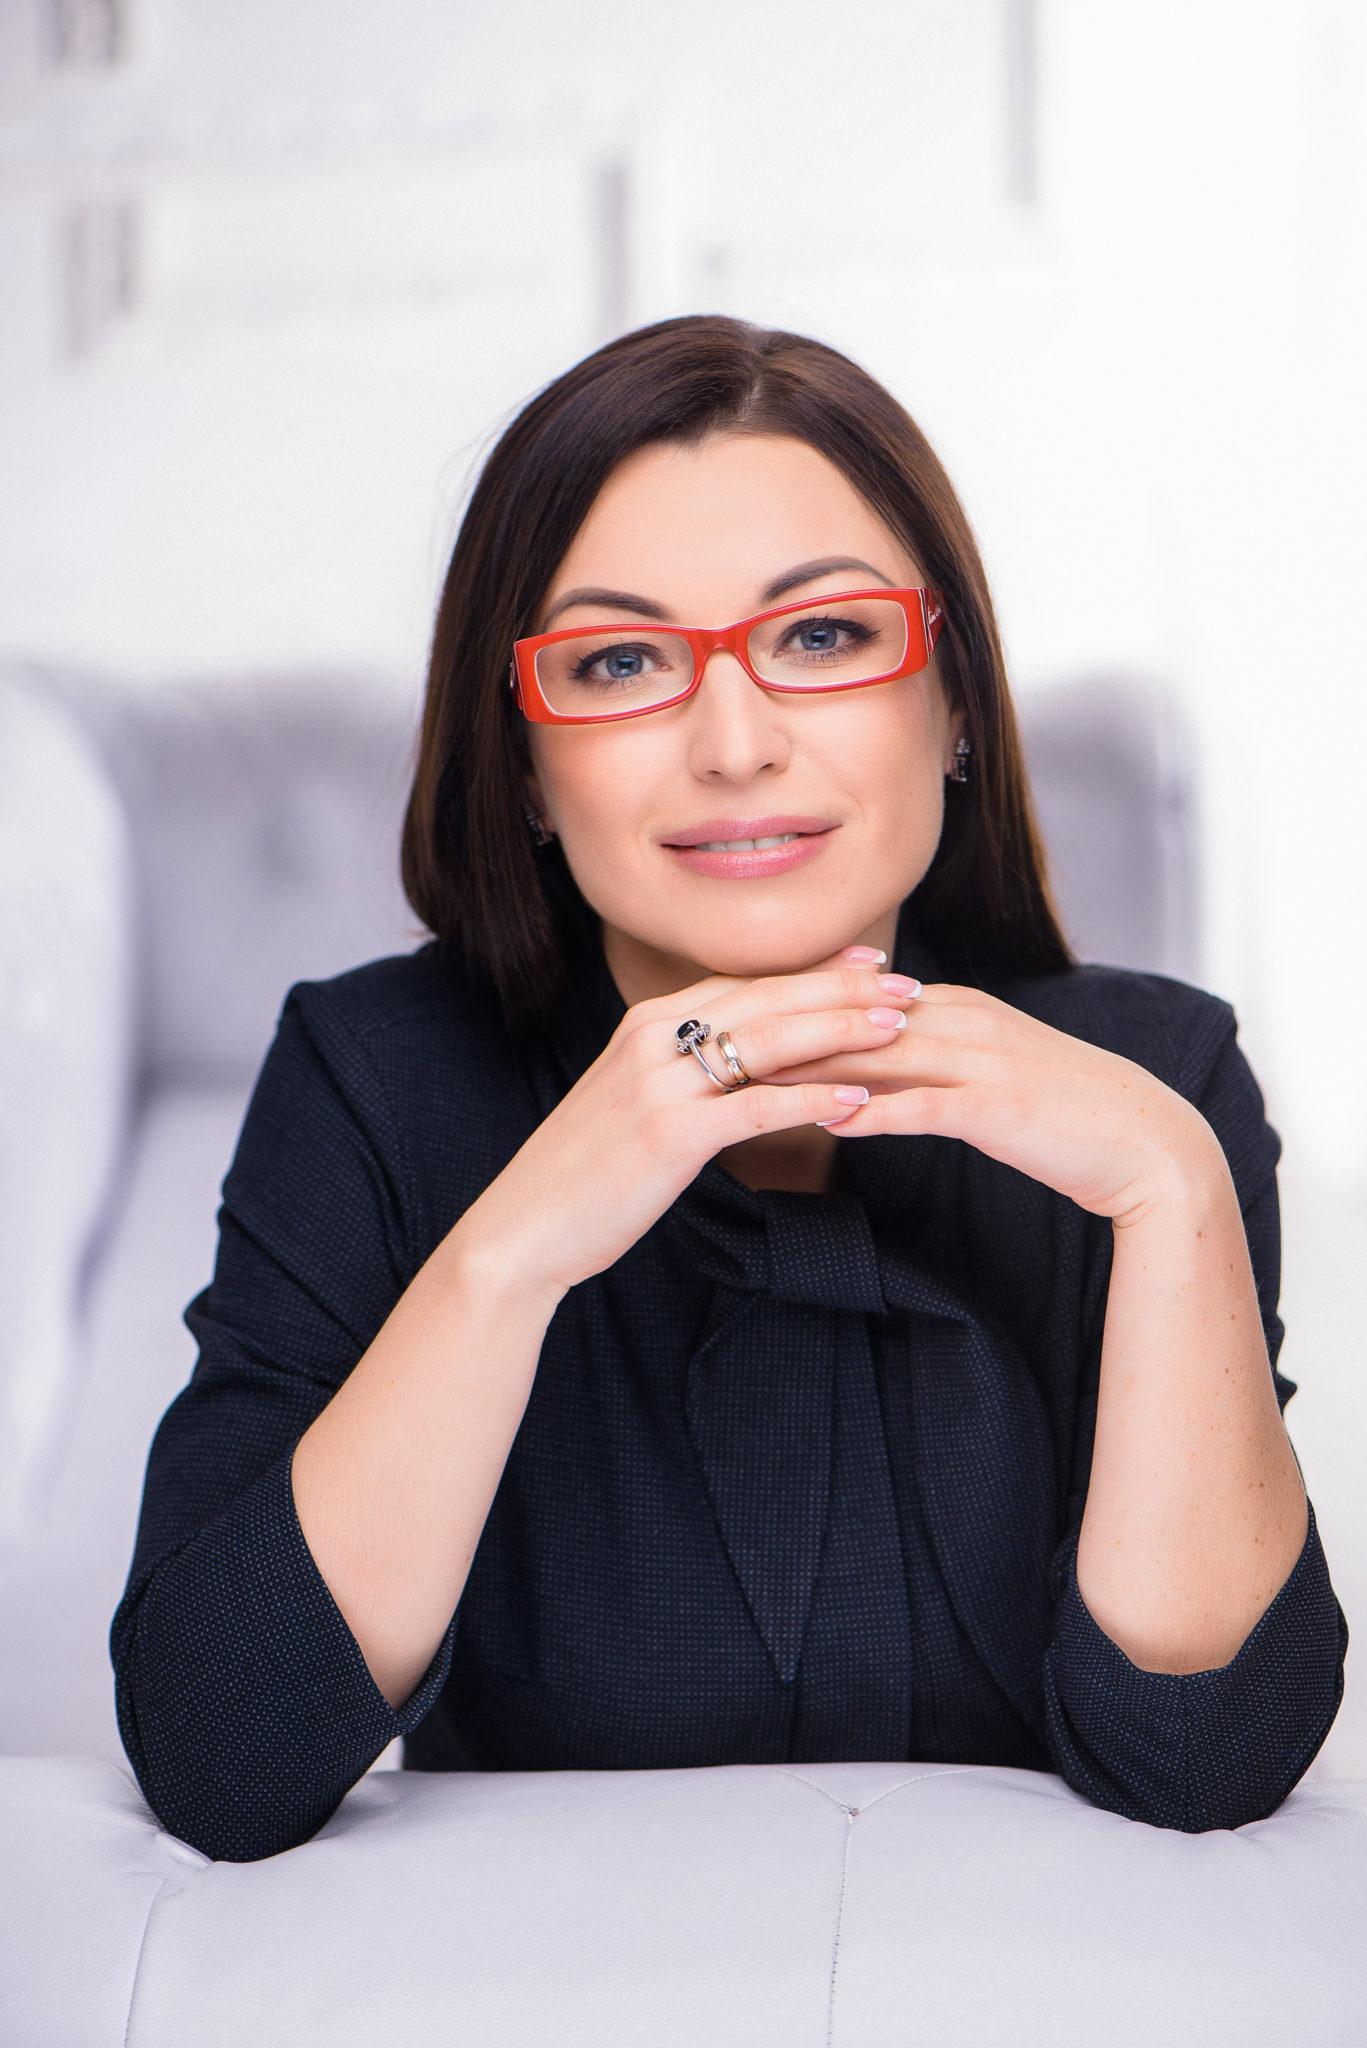 Деловой портрет, бизнес портфолио, портрет дамы в темной платье и в красных очках